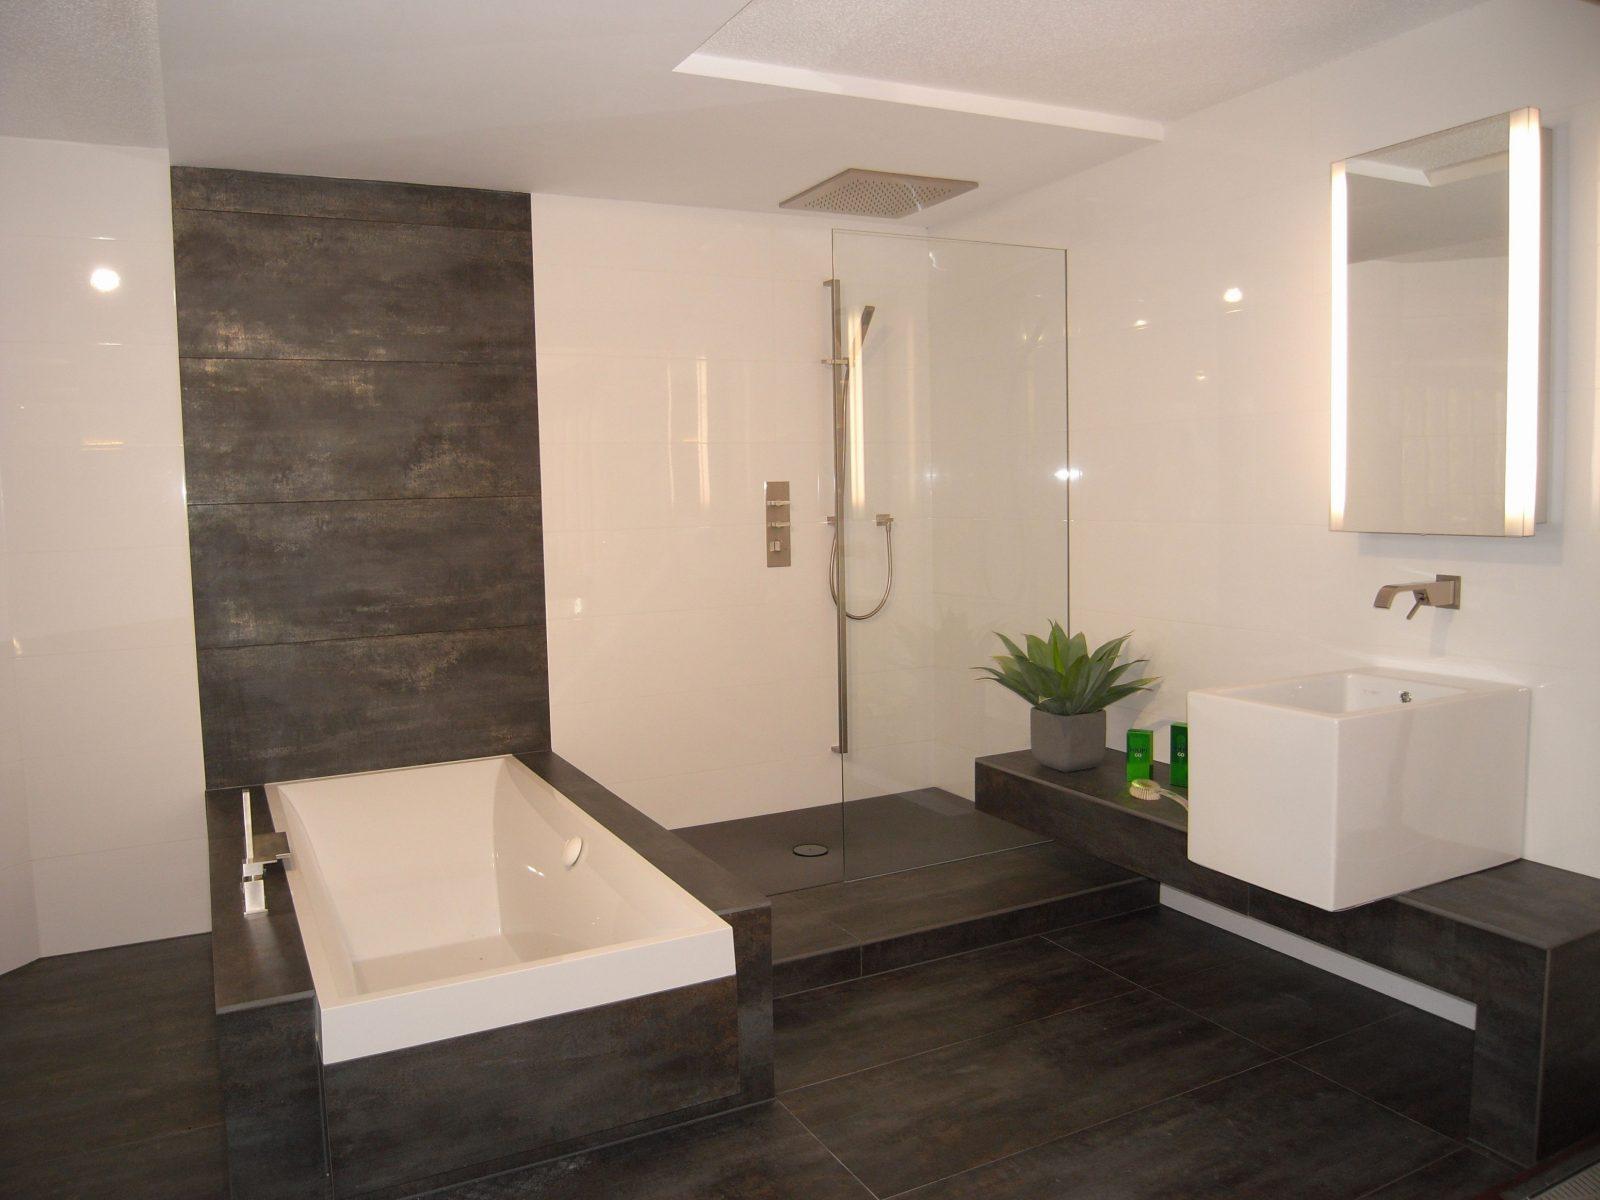 Badezimmer Fliesen Modern Badezimmer Tomis Media von Badezimmer Modern Fliesen Bild